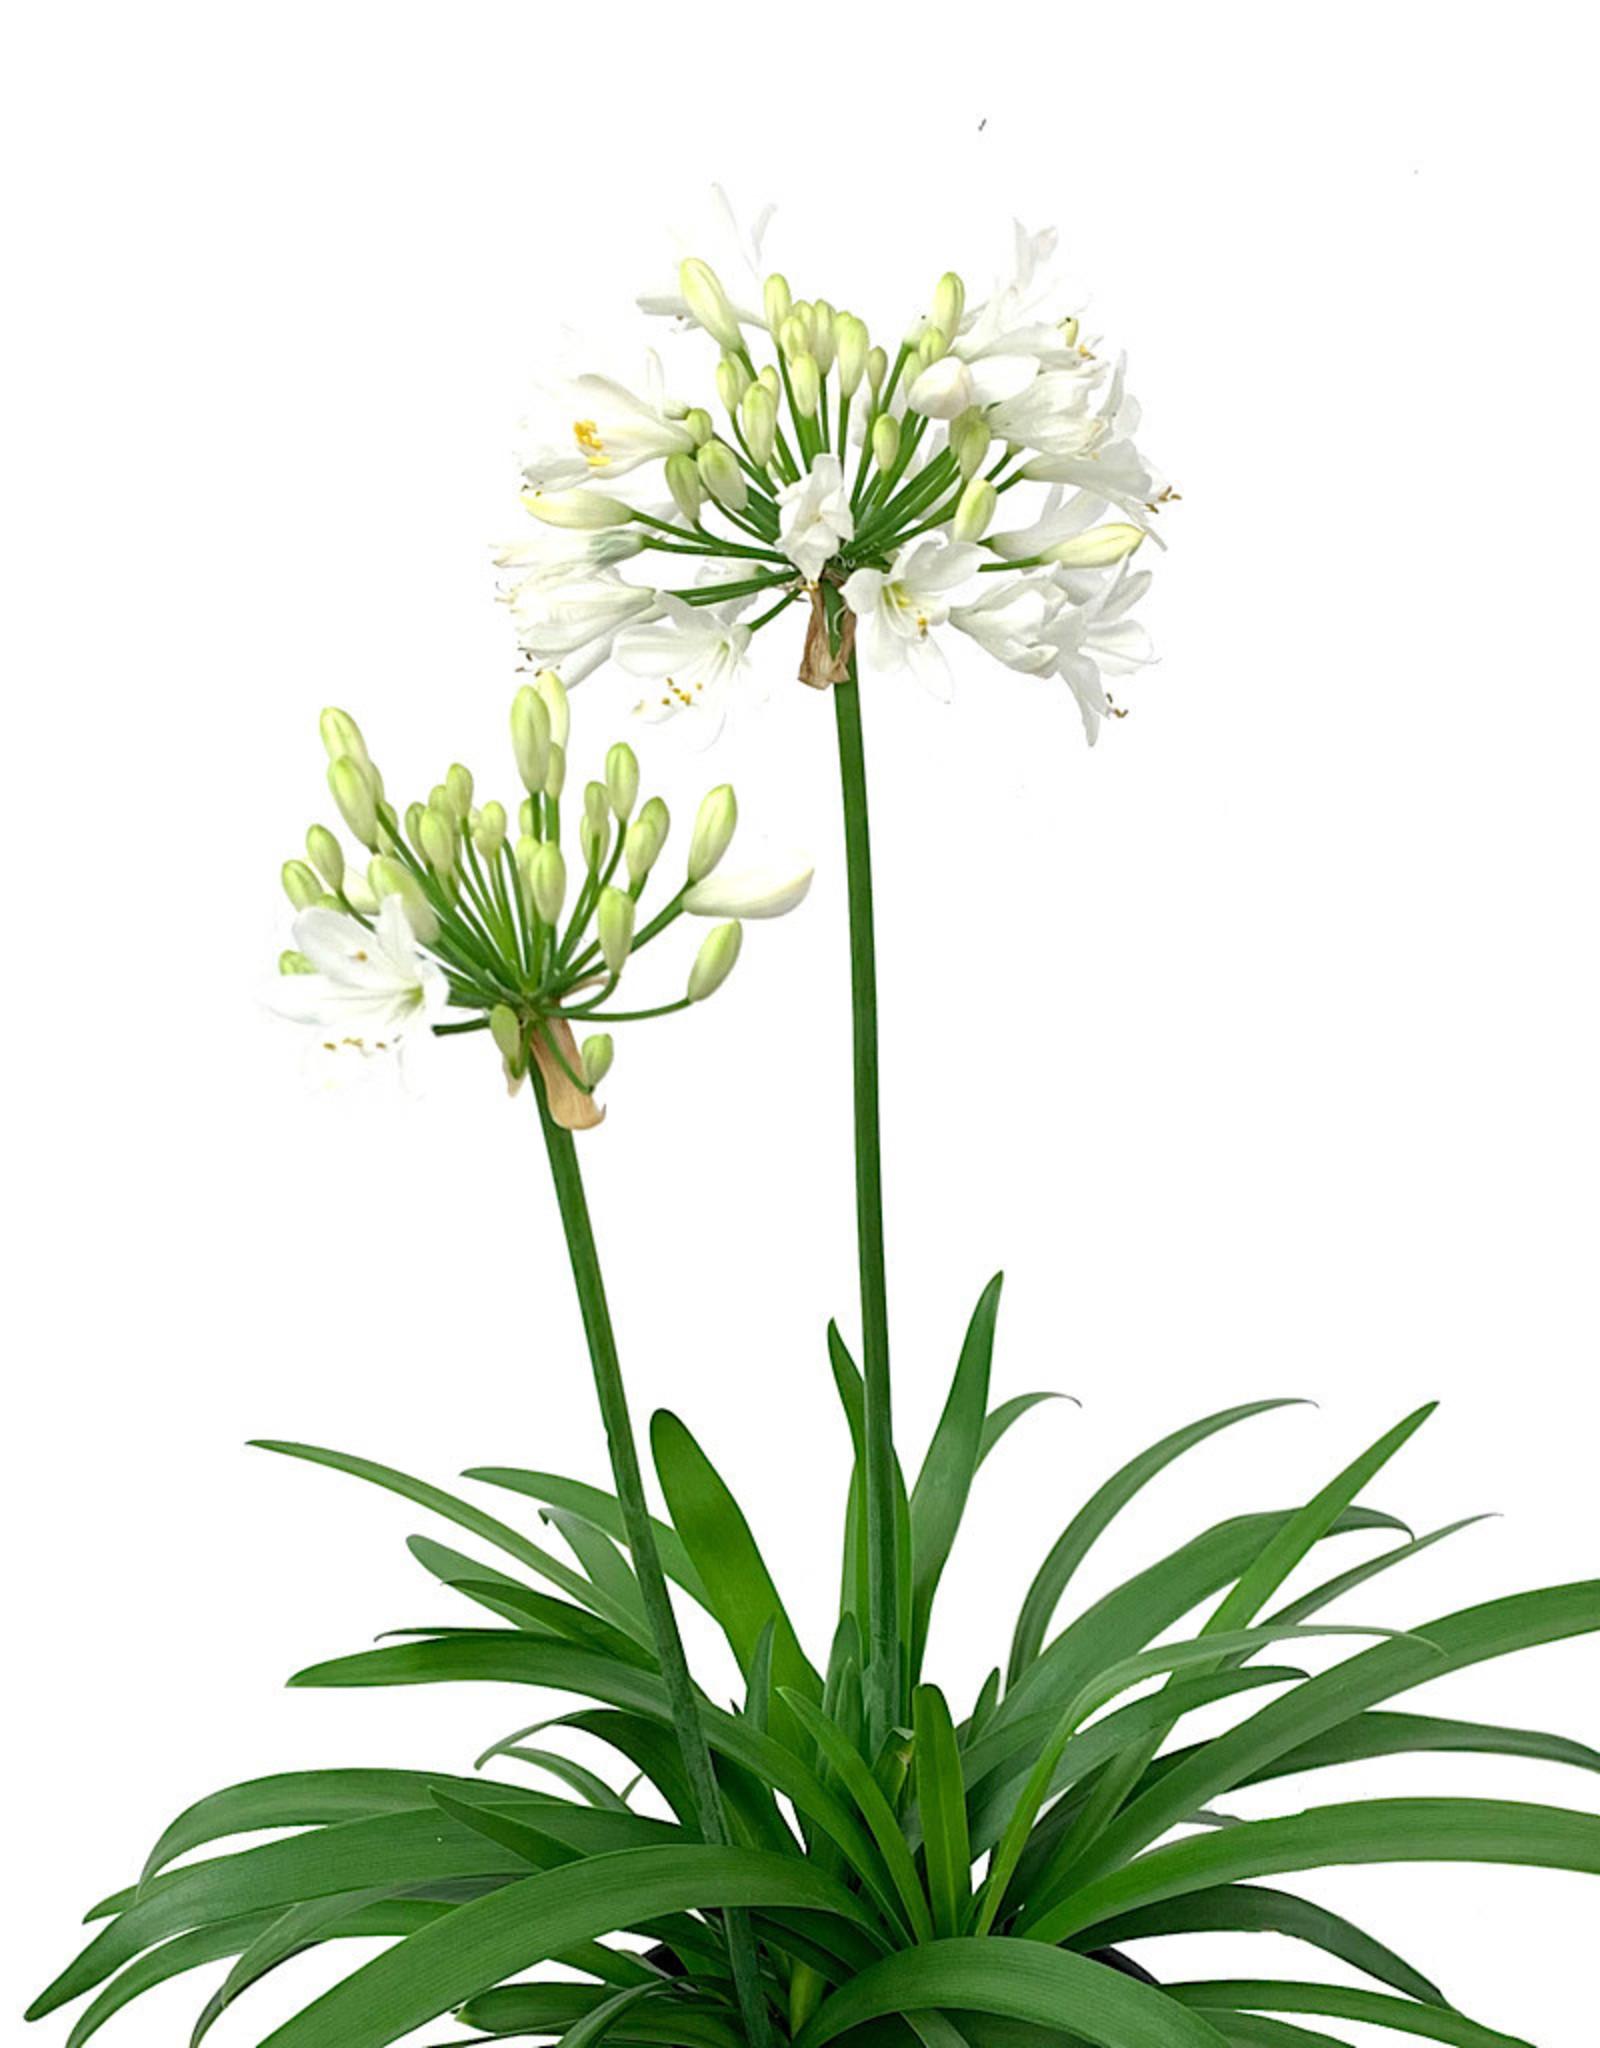 Agapanthus 'Ever White' 1 Gallon